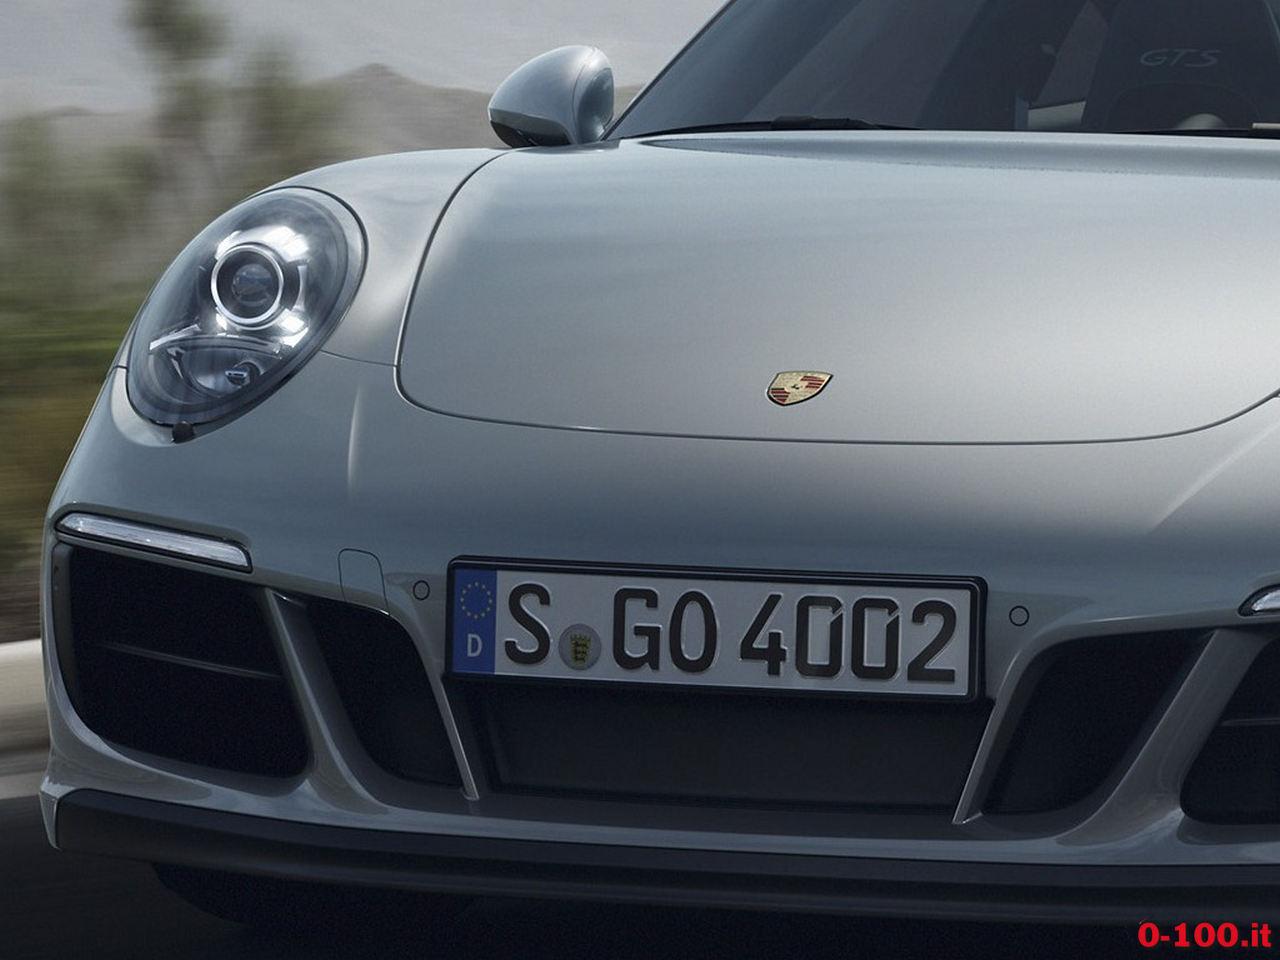 porsche_911-991-carrera-4-gts-coupe-targa-cabriolet-0-100_20